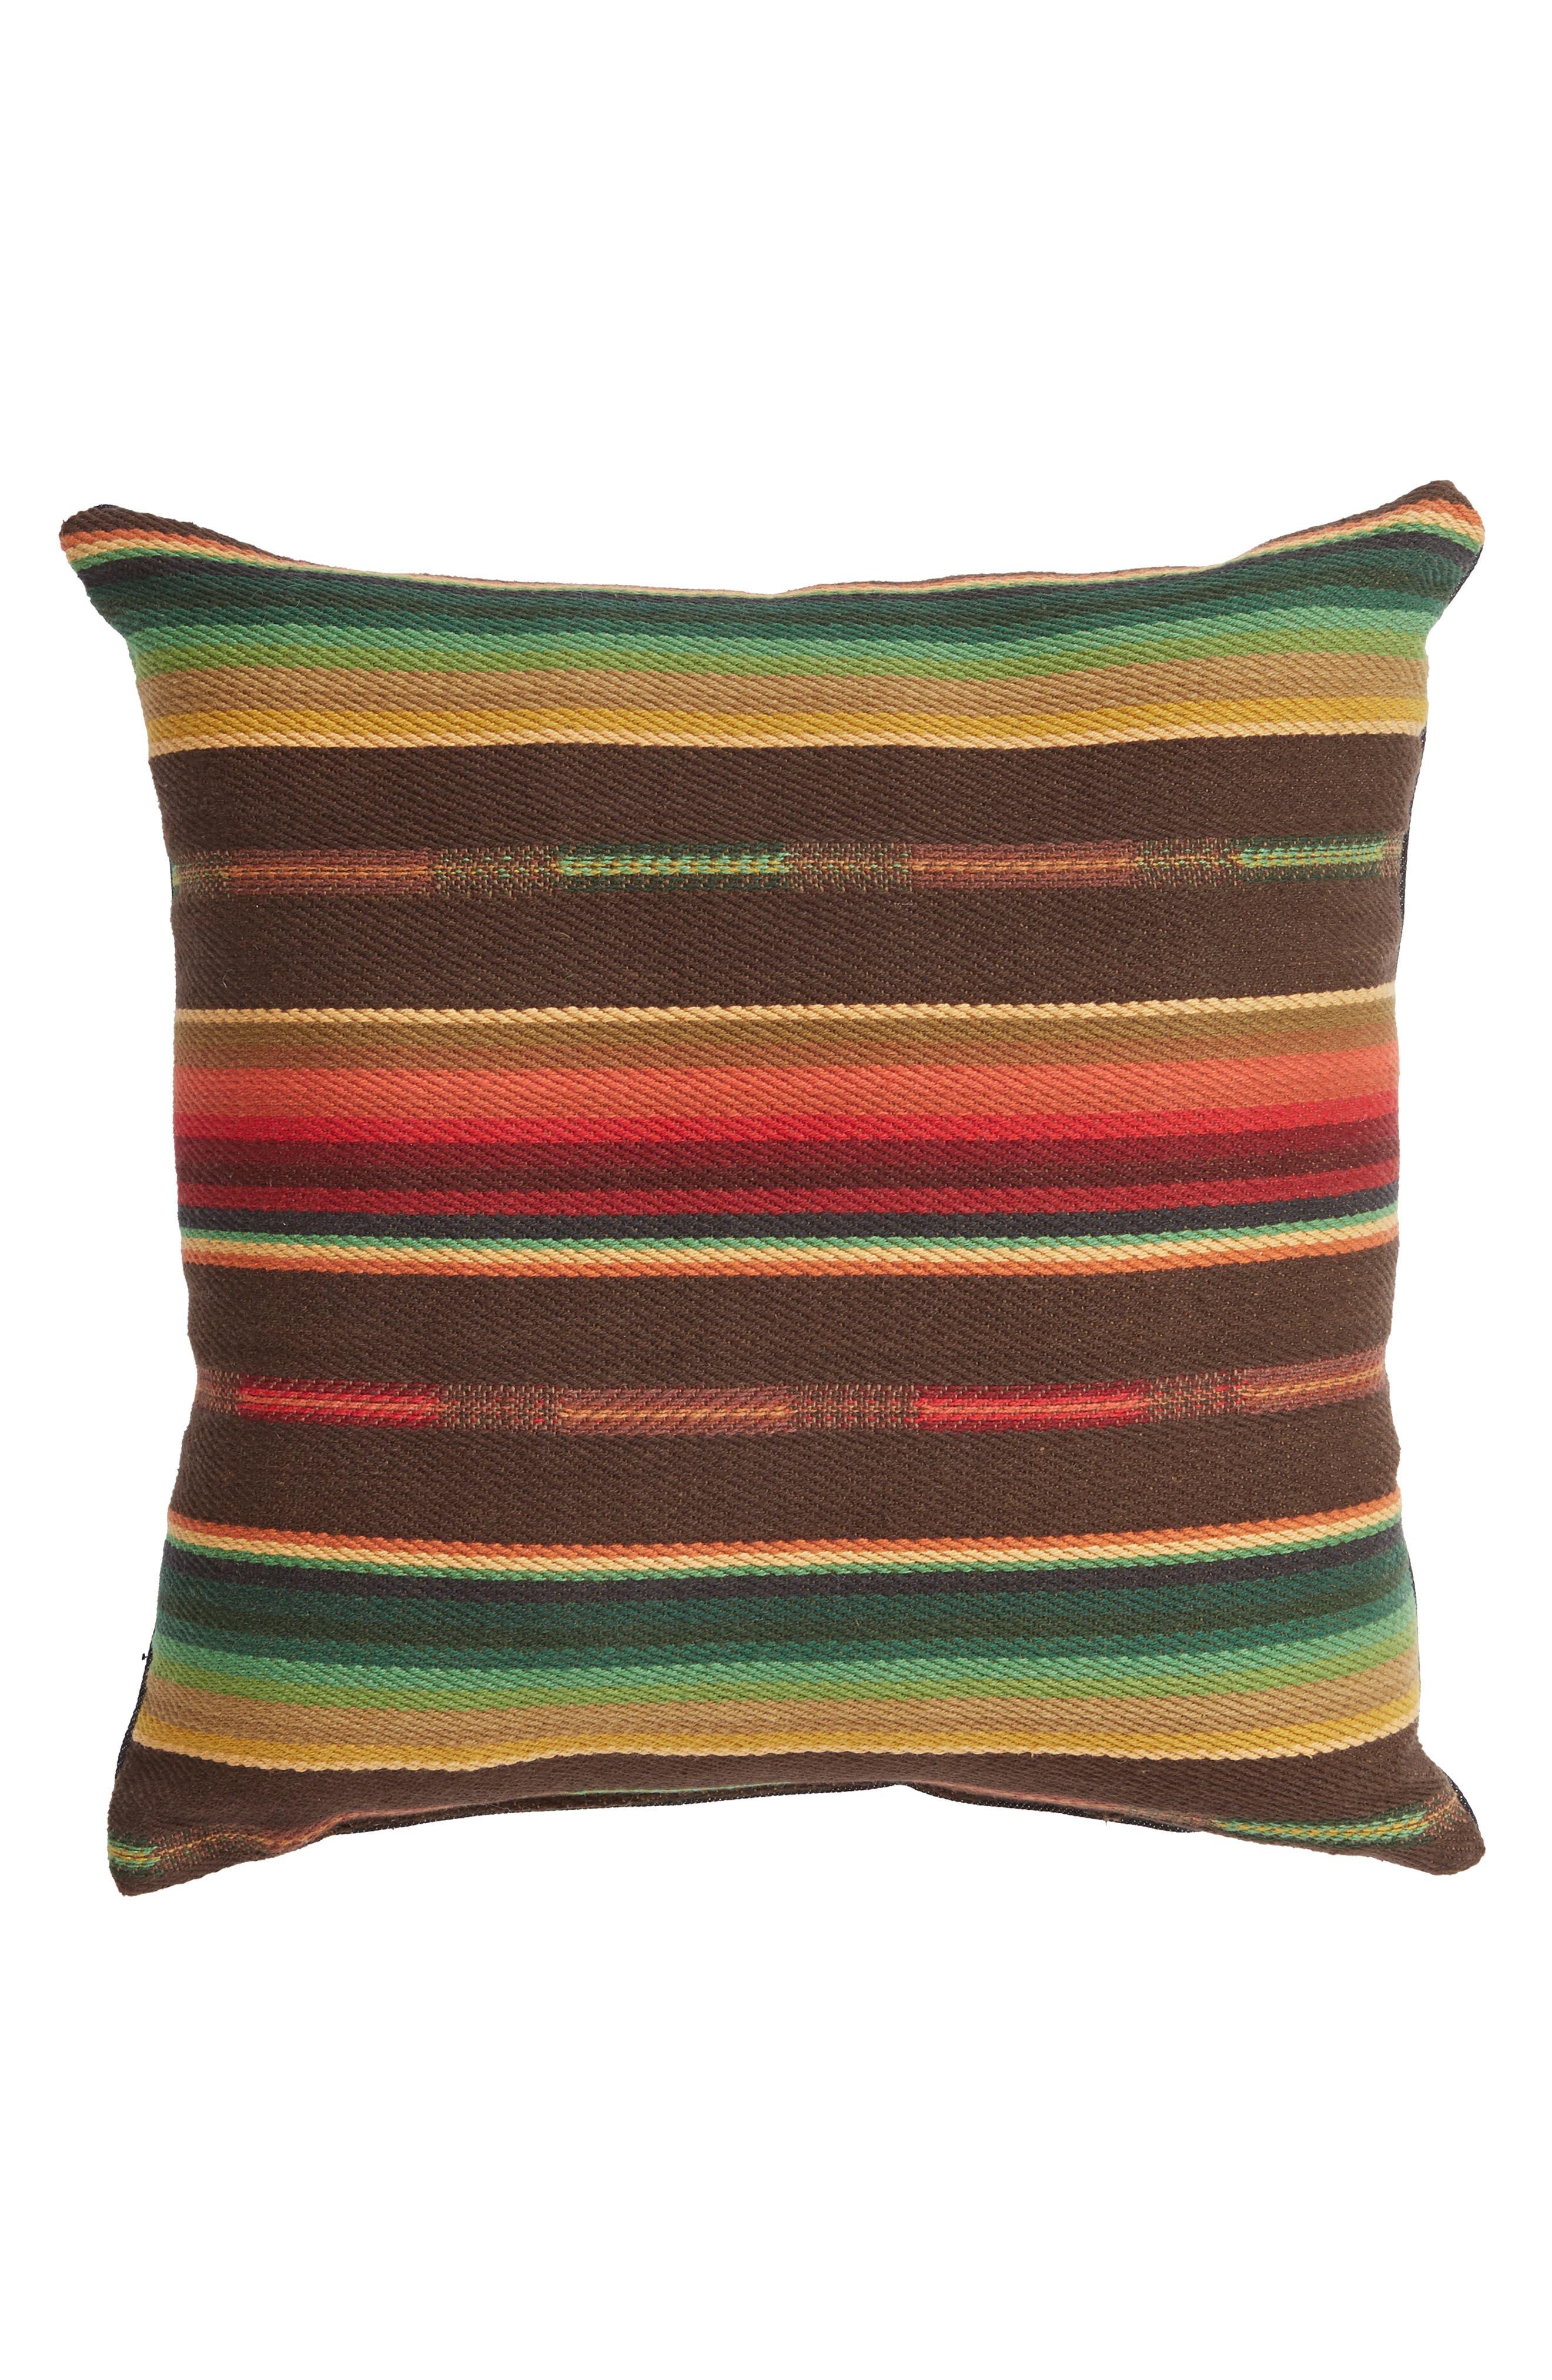 Small Sundance Serape Square Accent Pillow,                         Main,                         color, 001